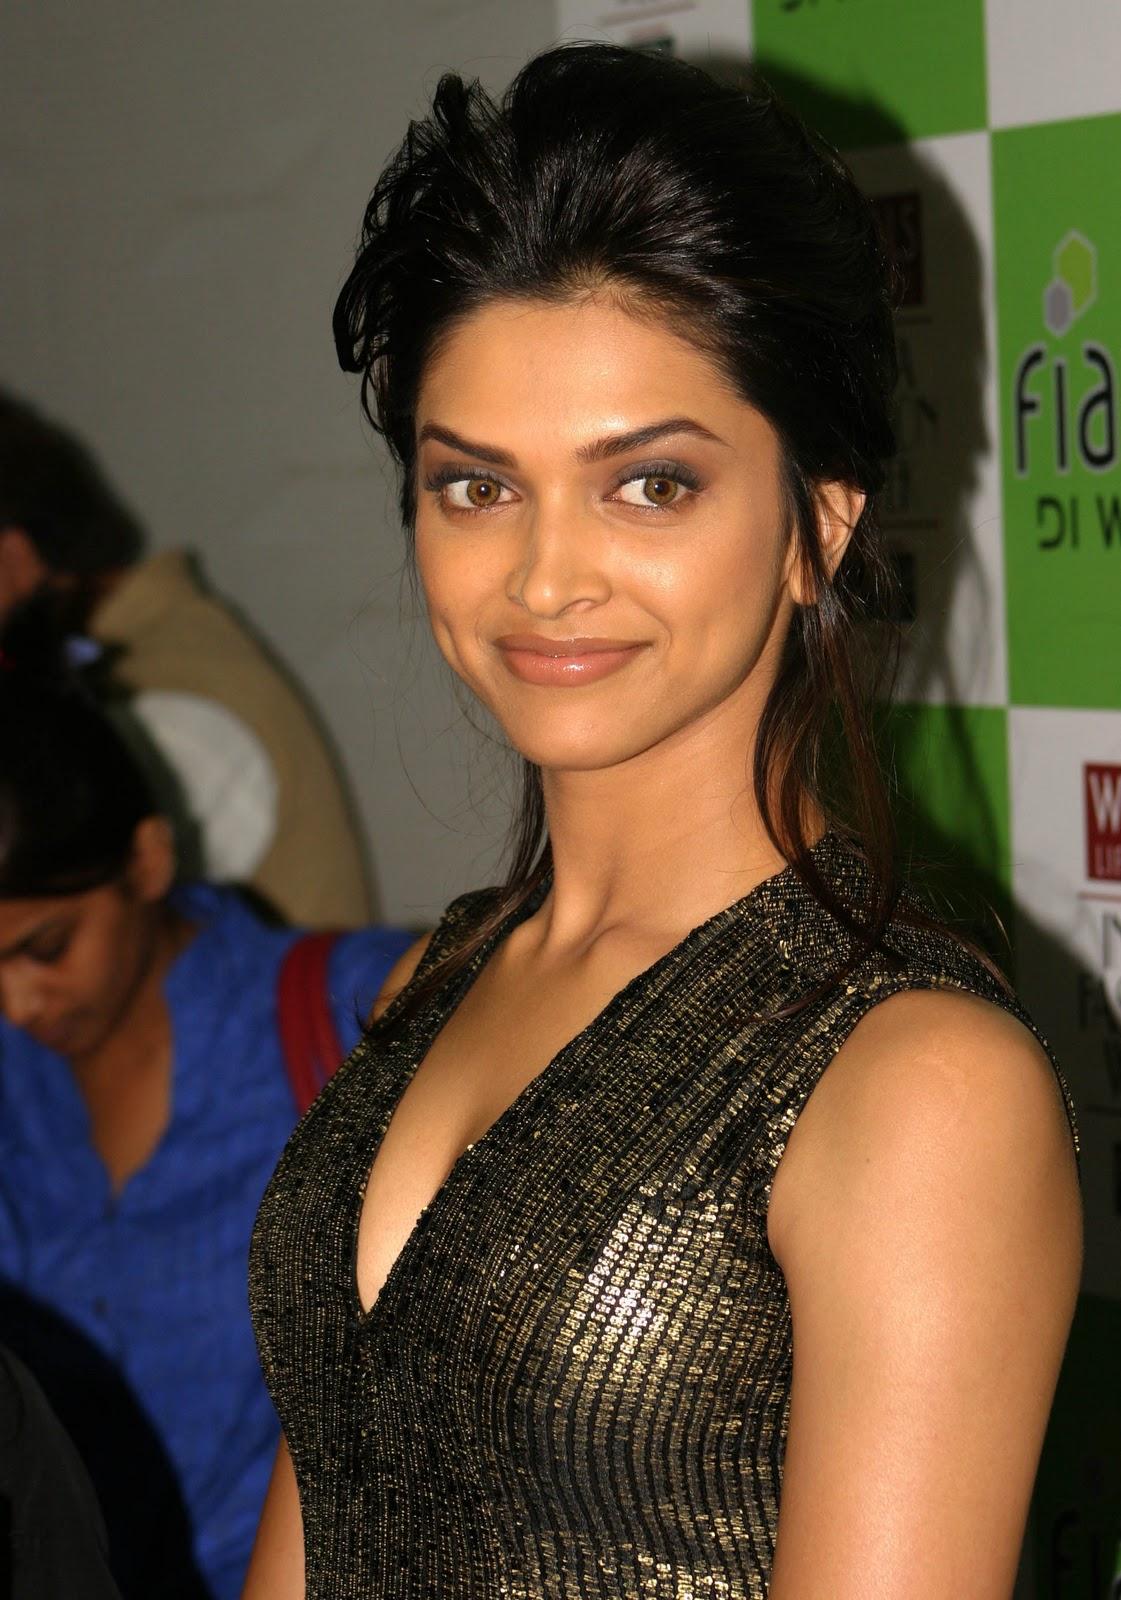 Hot actress pics: Deepika Padukone